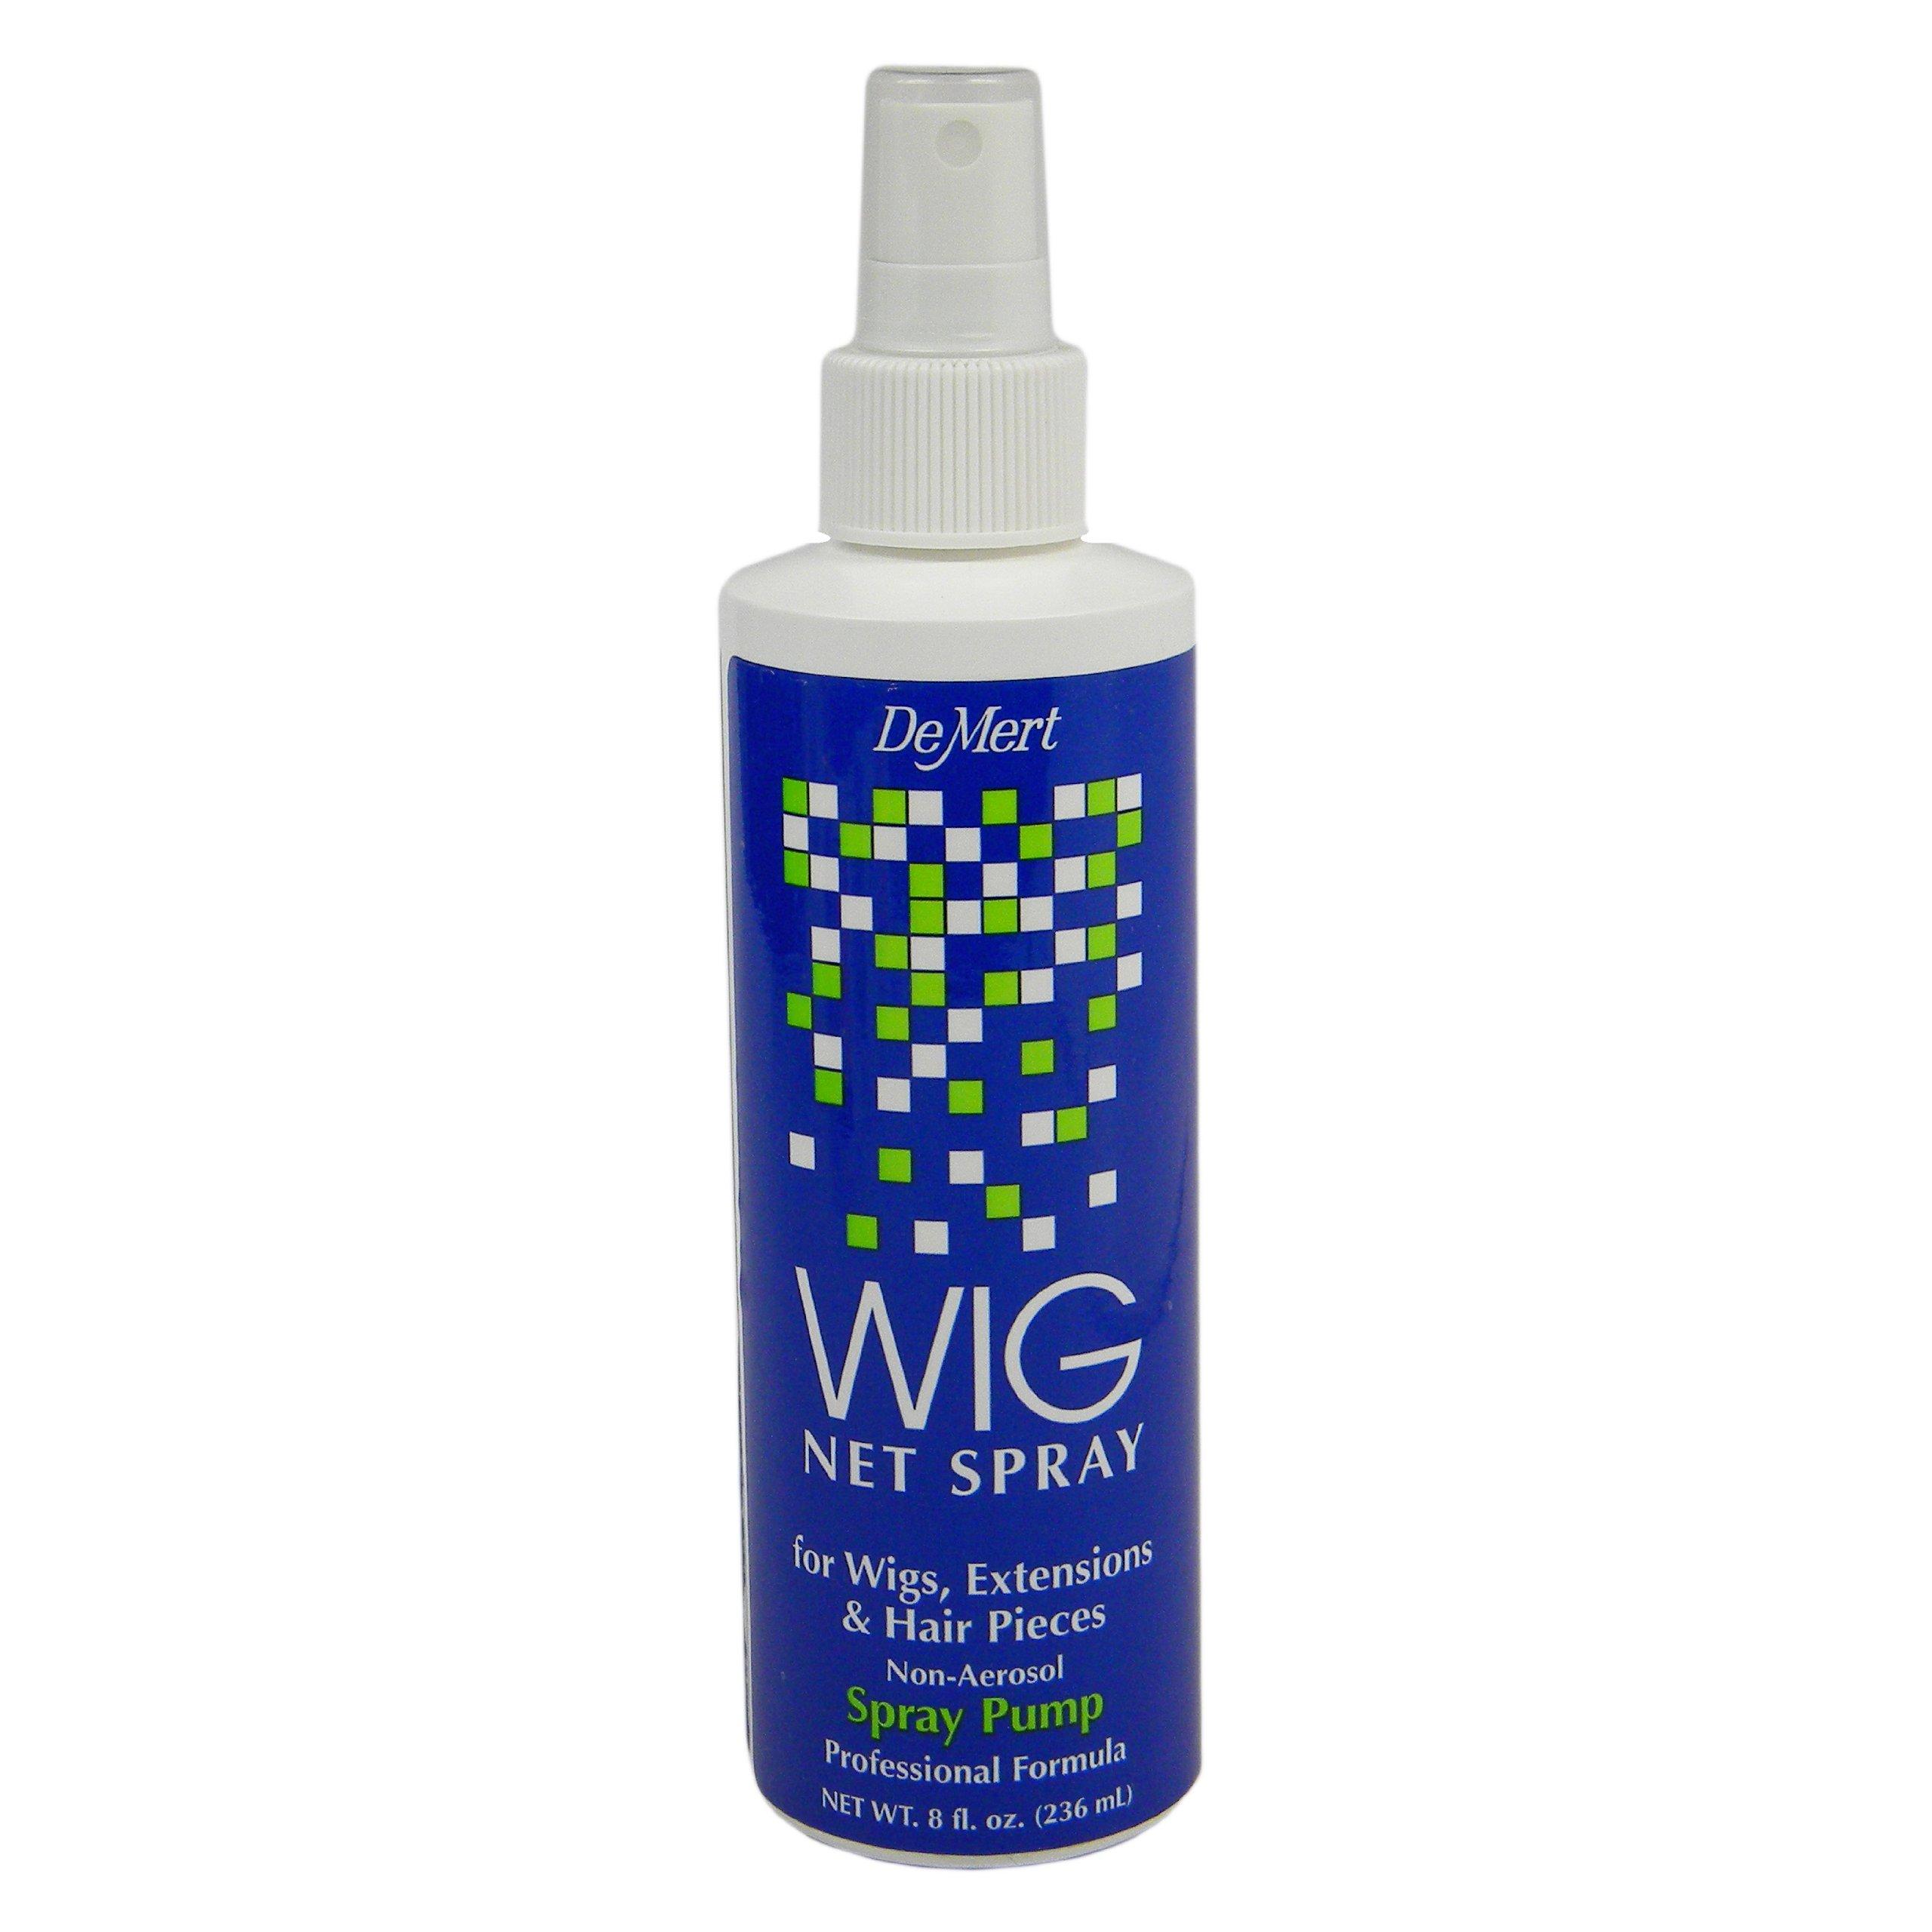 Demert Wig and Weave Wig Net Spray Pump, 8 Ounce